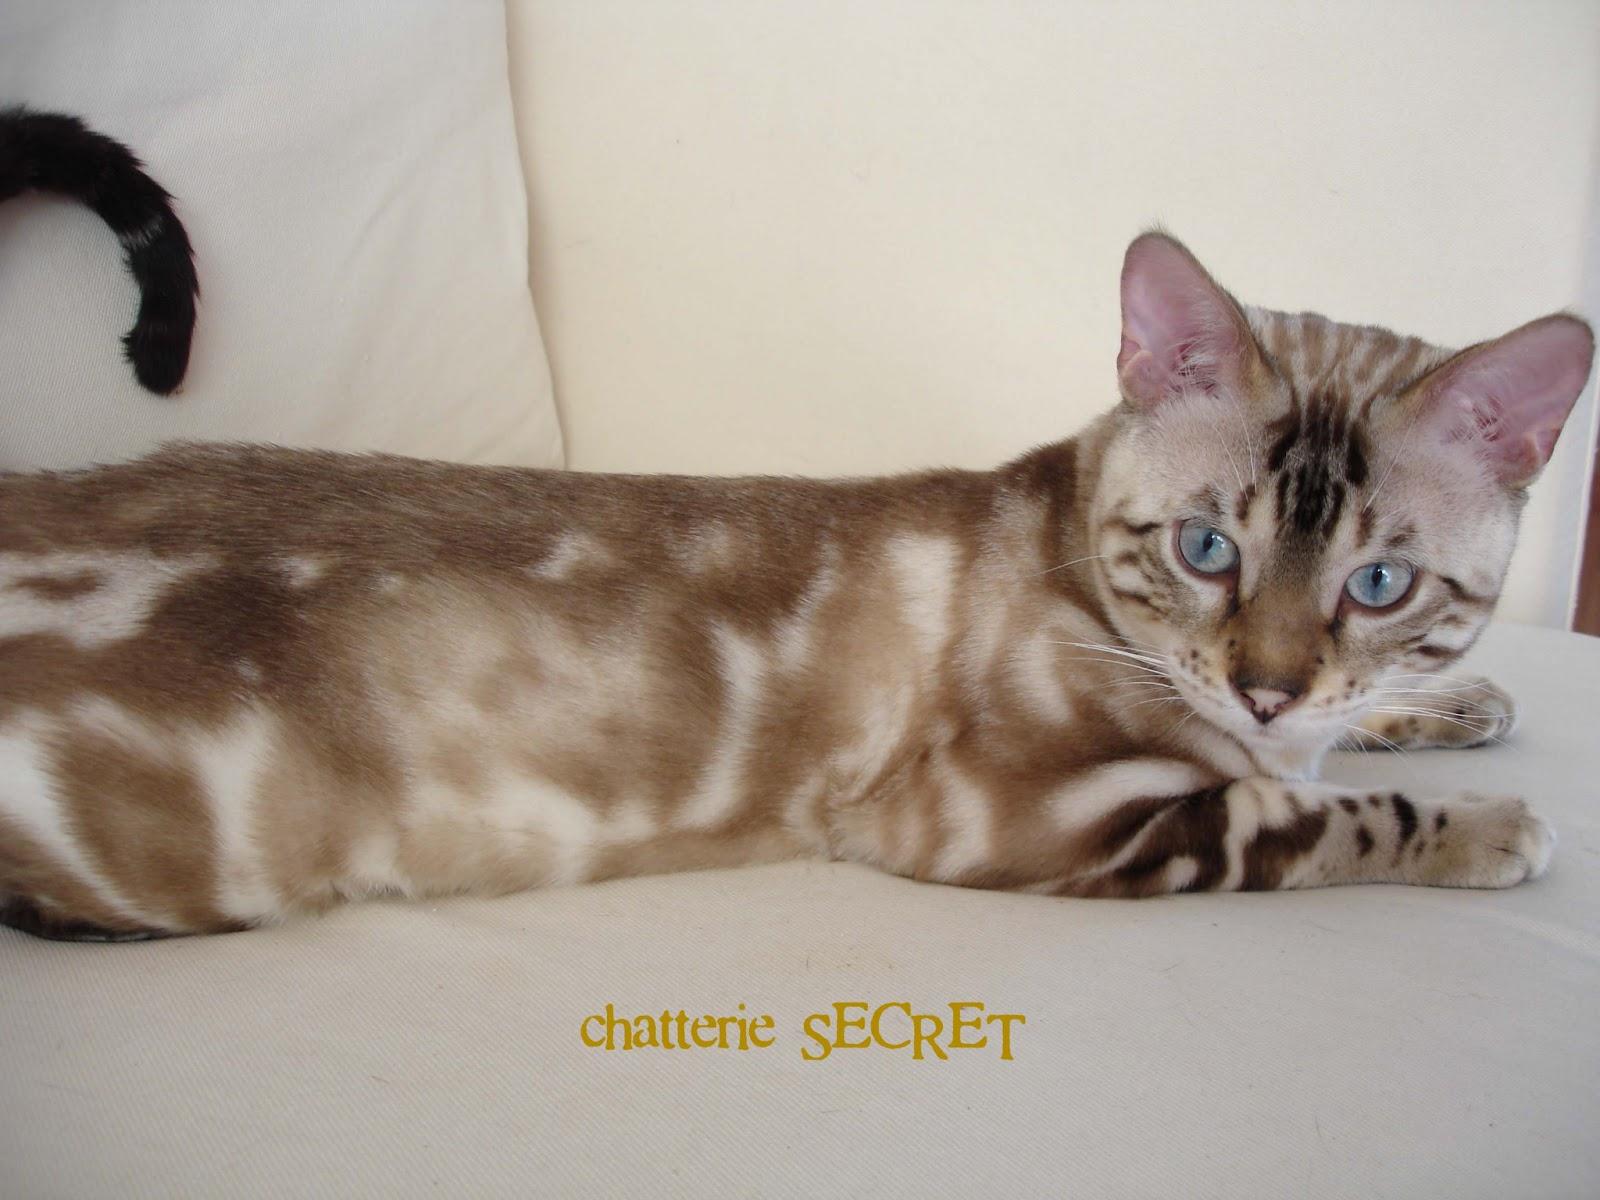 Le chat Bengal: Robes et génétique